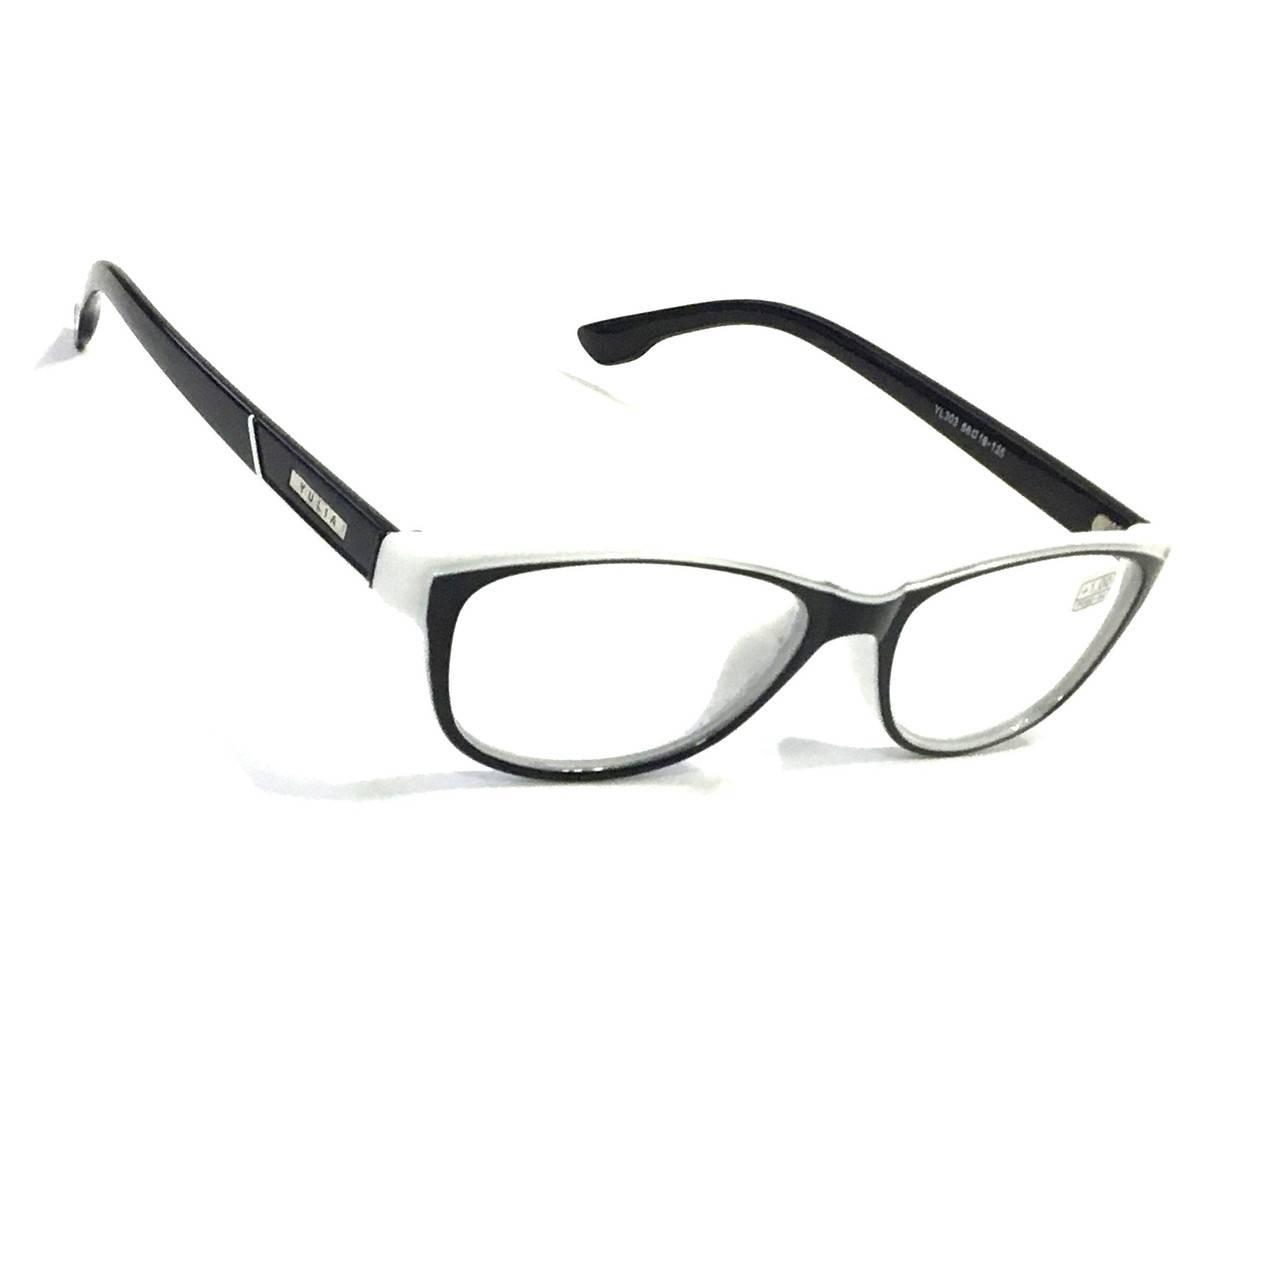 Очки для коррекции зрения: описание и характеристики